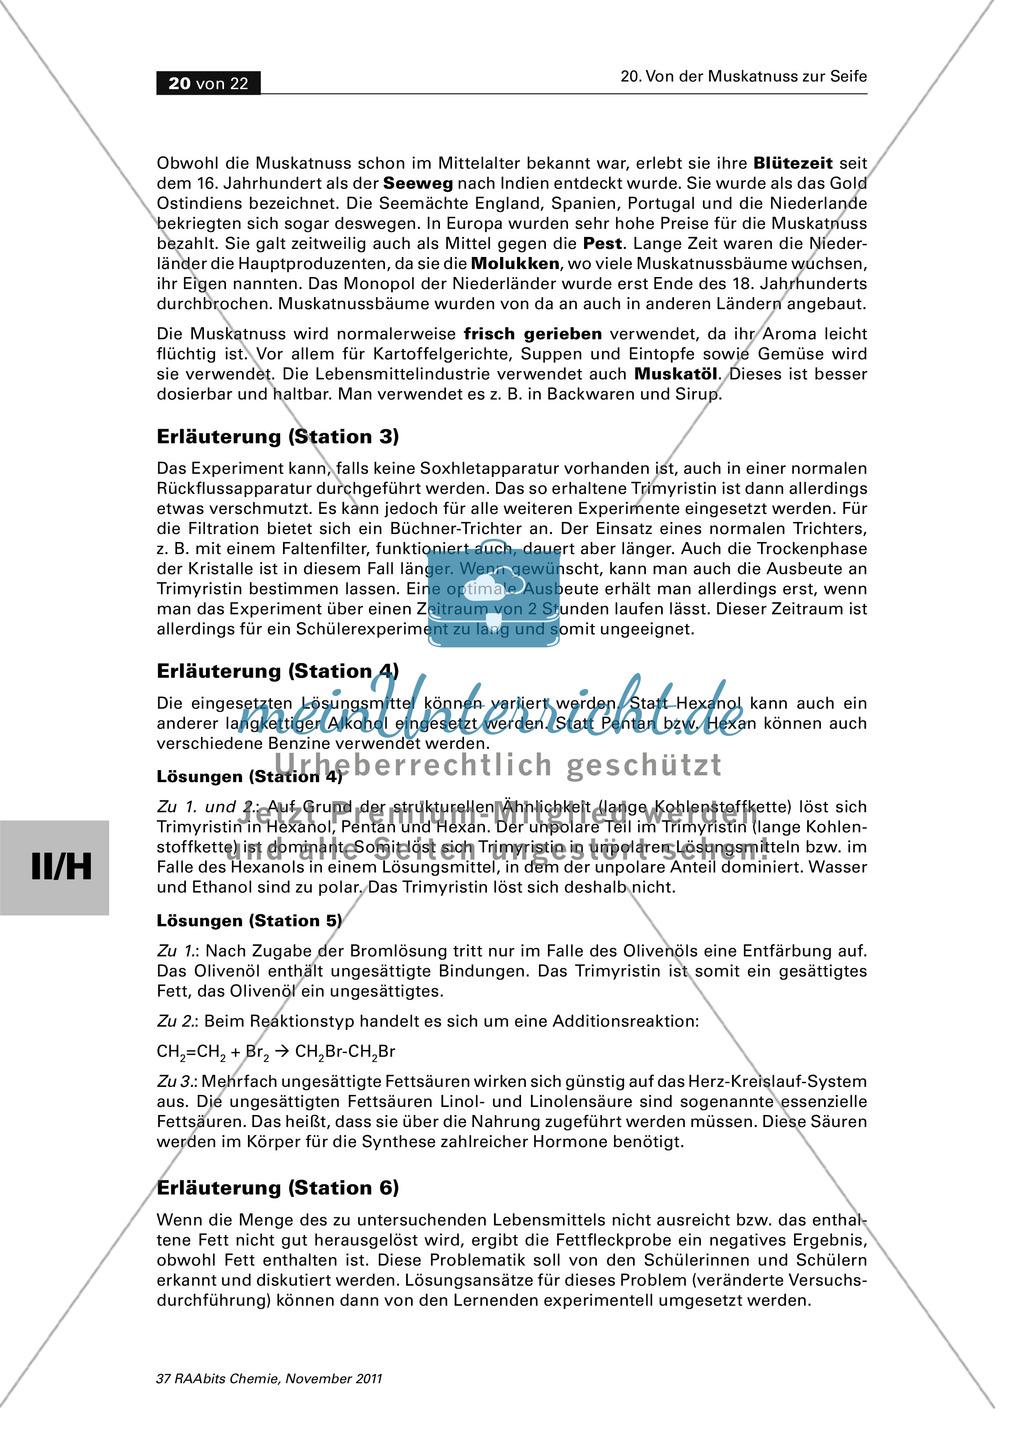 Das Triglycerid Trimyristin - Isolierung aus der Muskatnuss und Untersuchung der Eigenschaften Preview 4